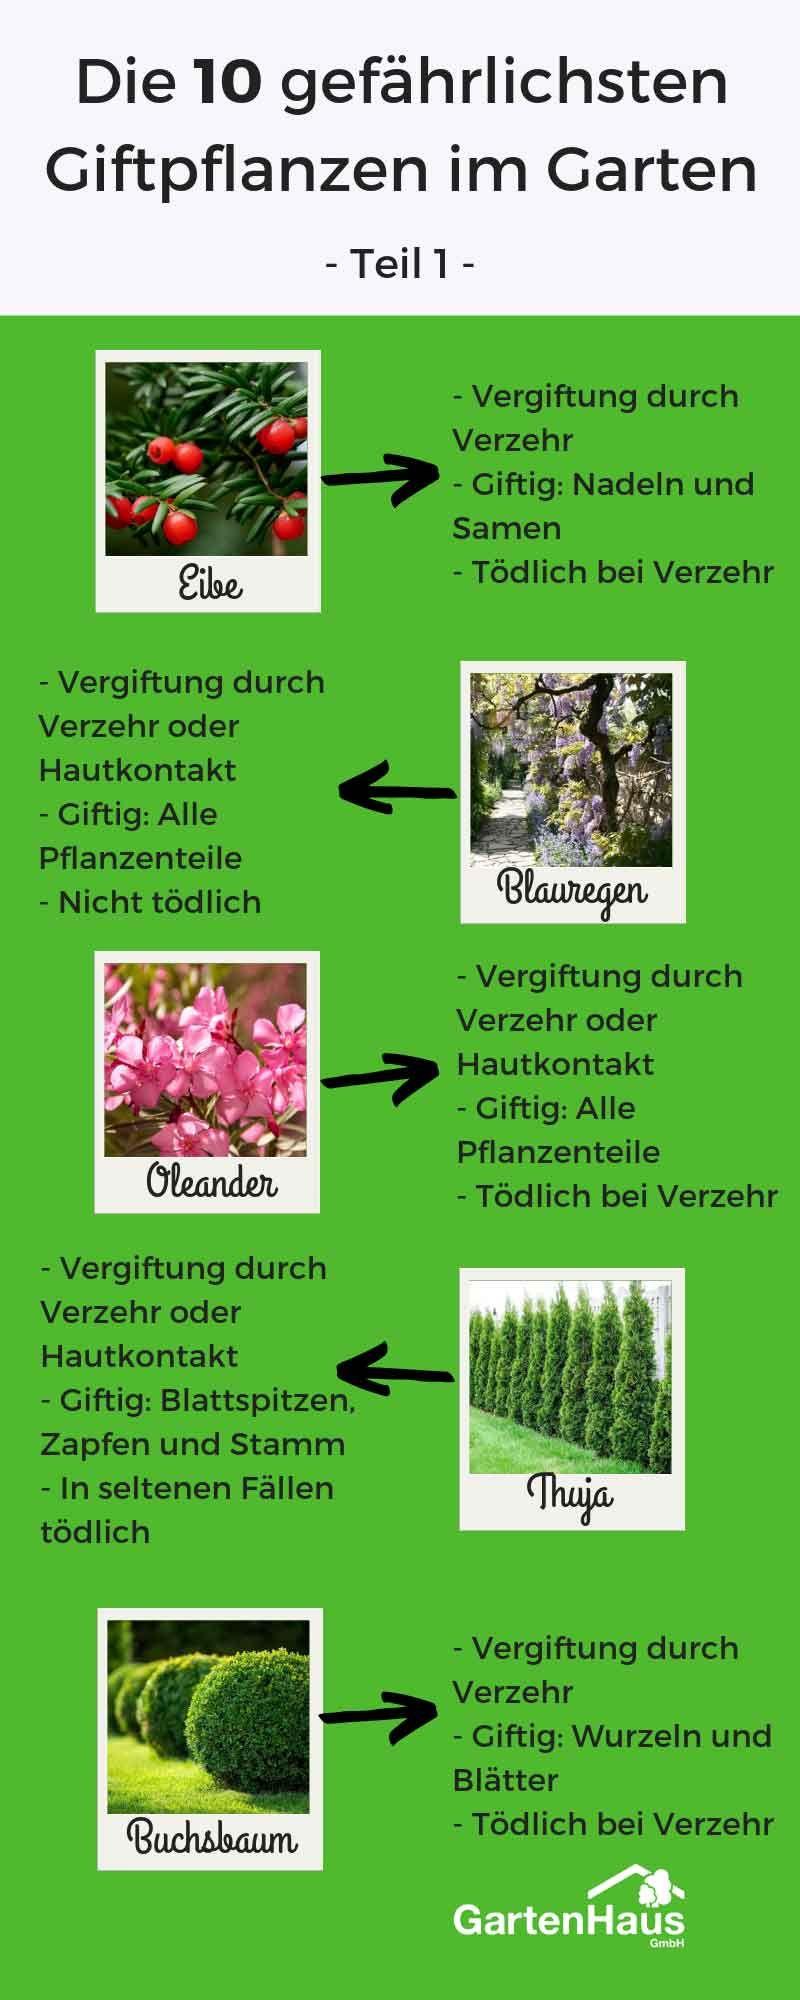 Die 10 Gefahrlichsten Giftpflanzen Im Garten Giftige Pflanzen Giftpflanzen Garten Bepflanzen